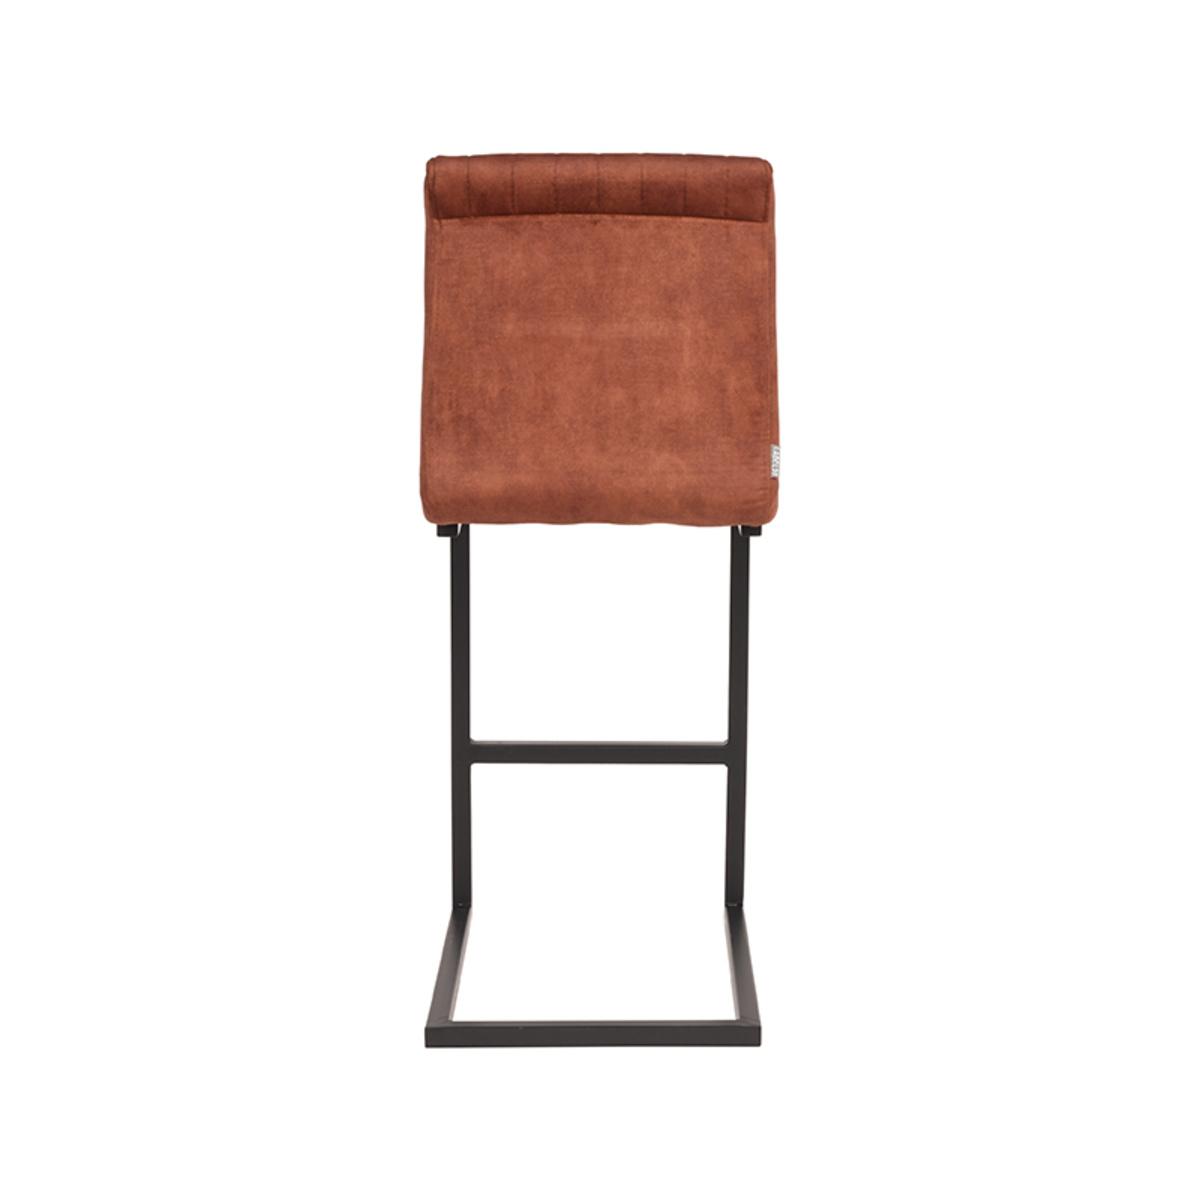 Barkruk Milo - Rust - Velours